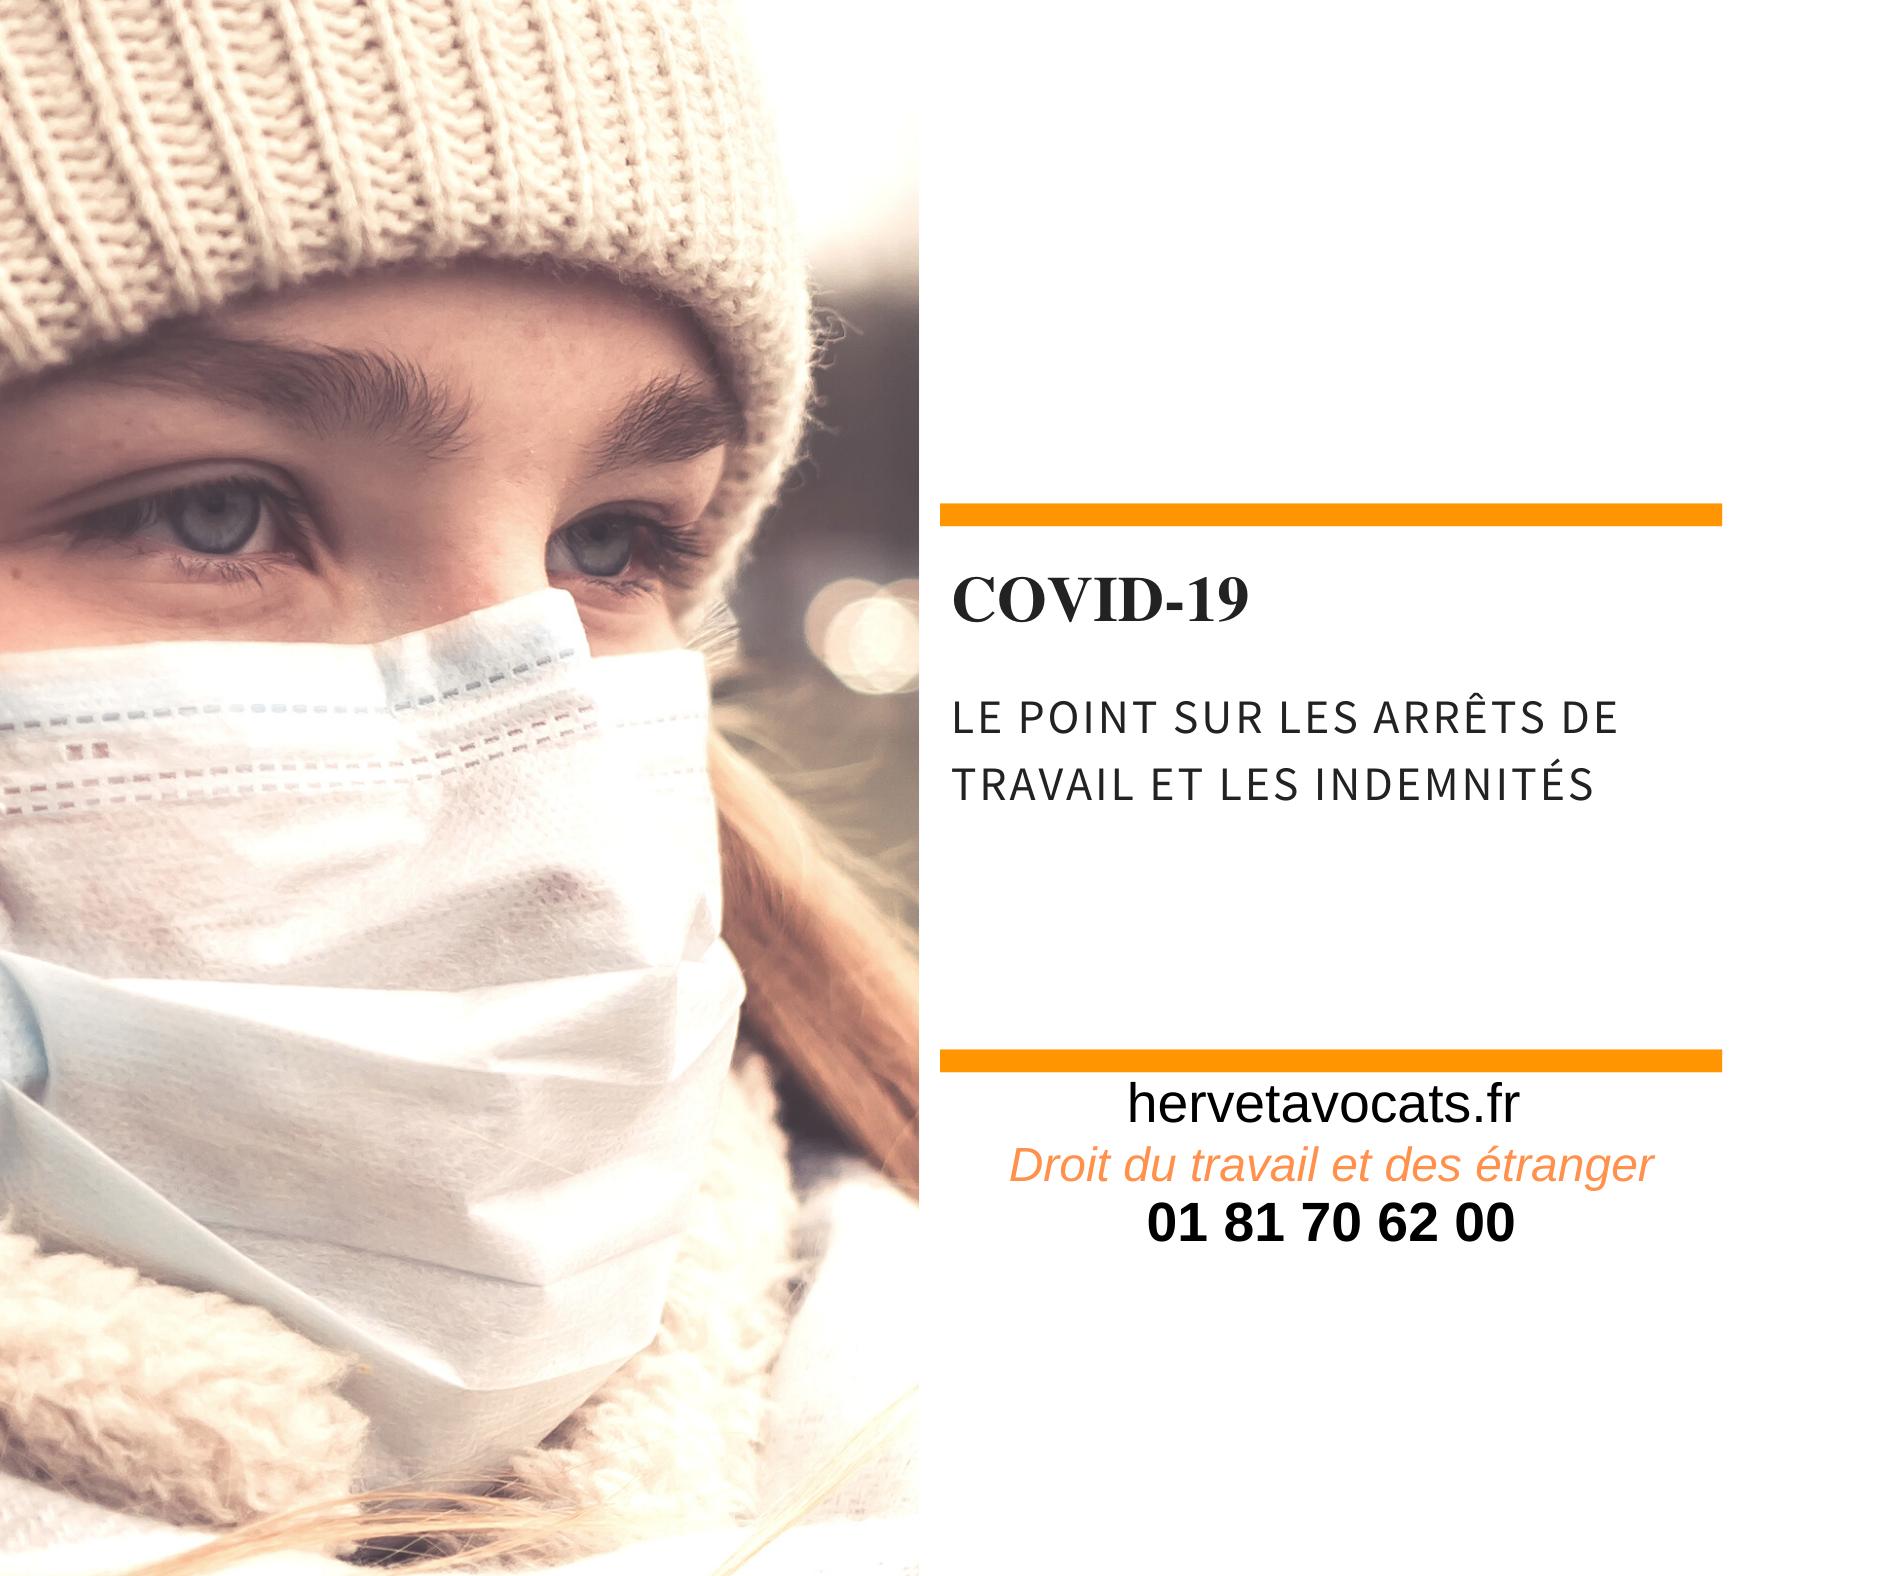 Coronavirus : le point sur les indemnités et arrêts de travail